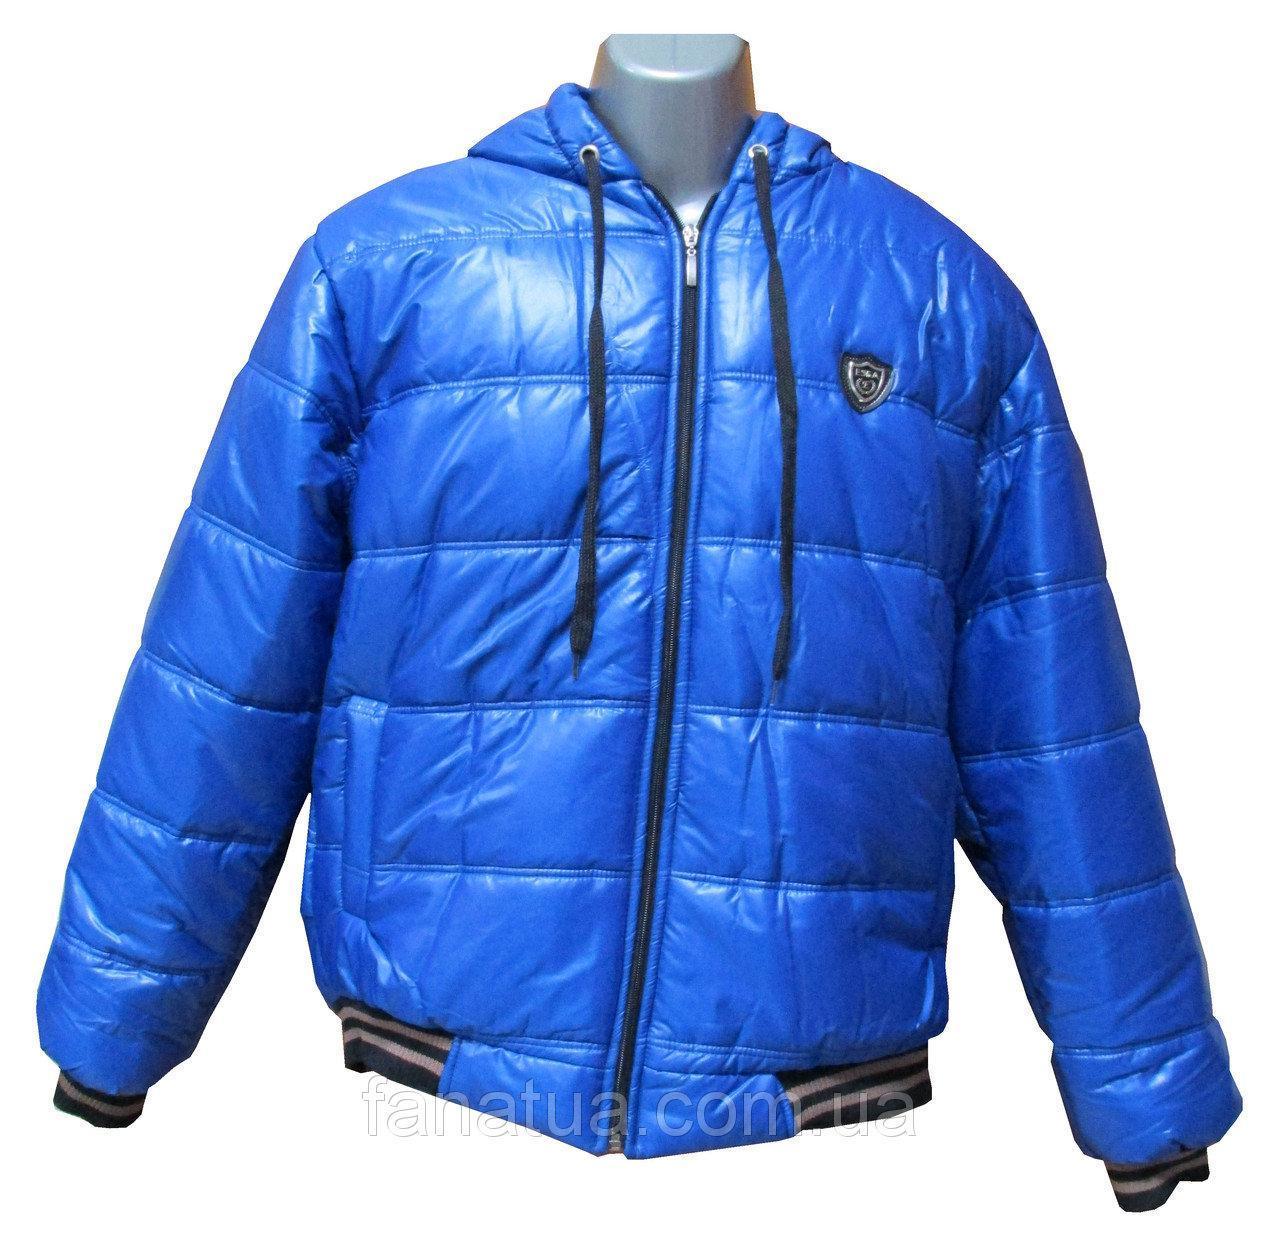 Куртка зимняя (демисезон) синяя Распродажа! Оптом и в розницу